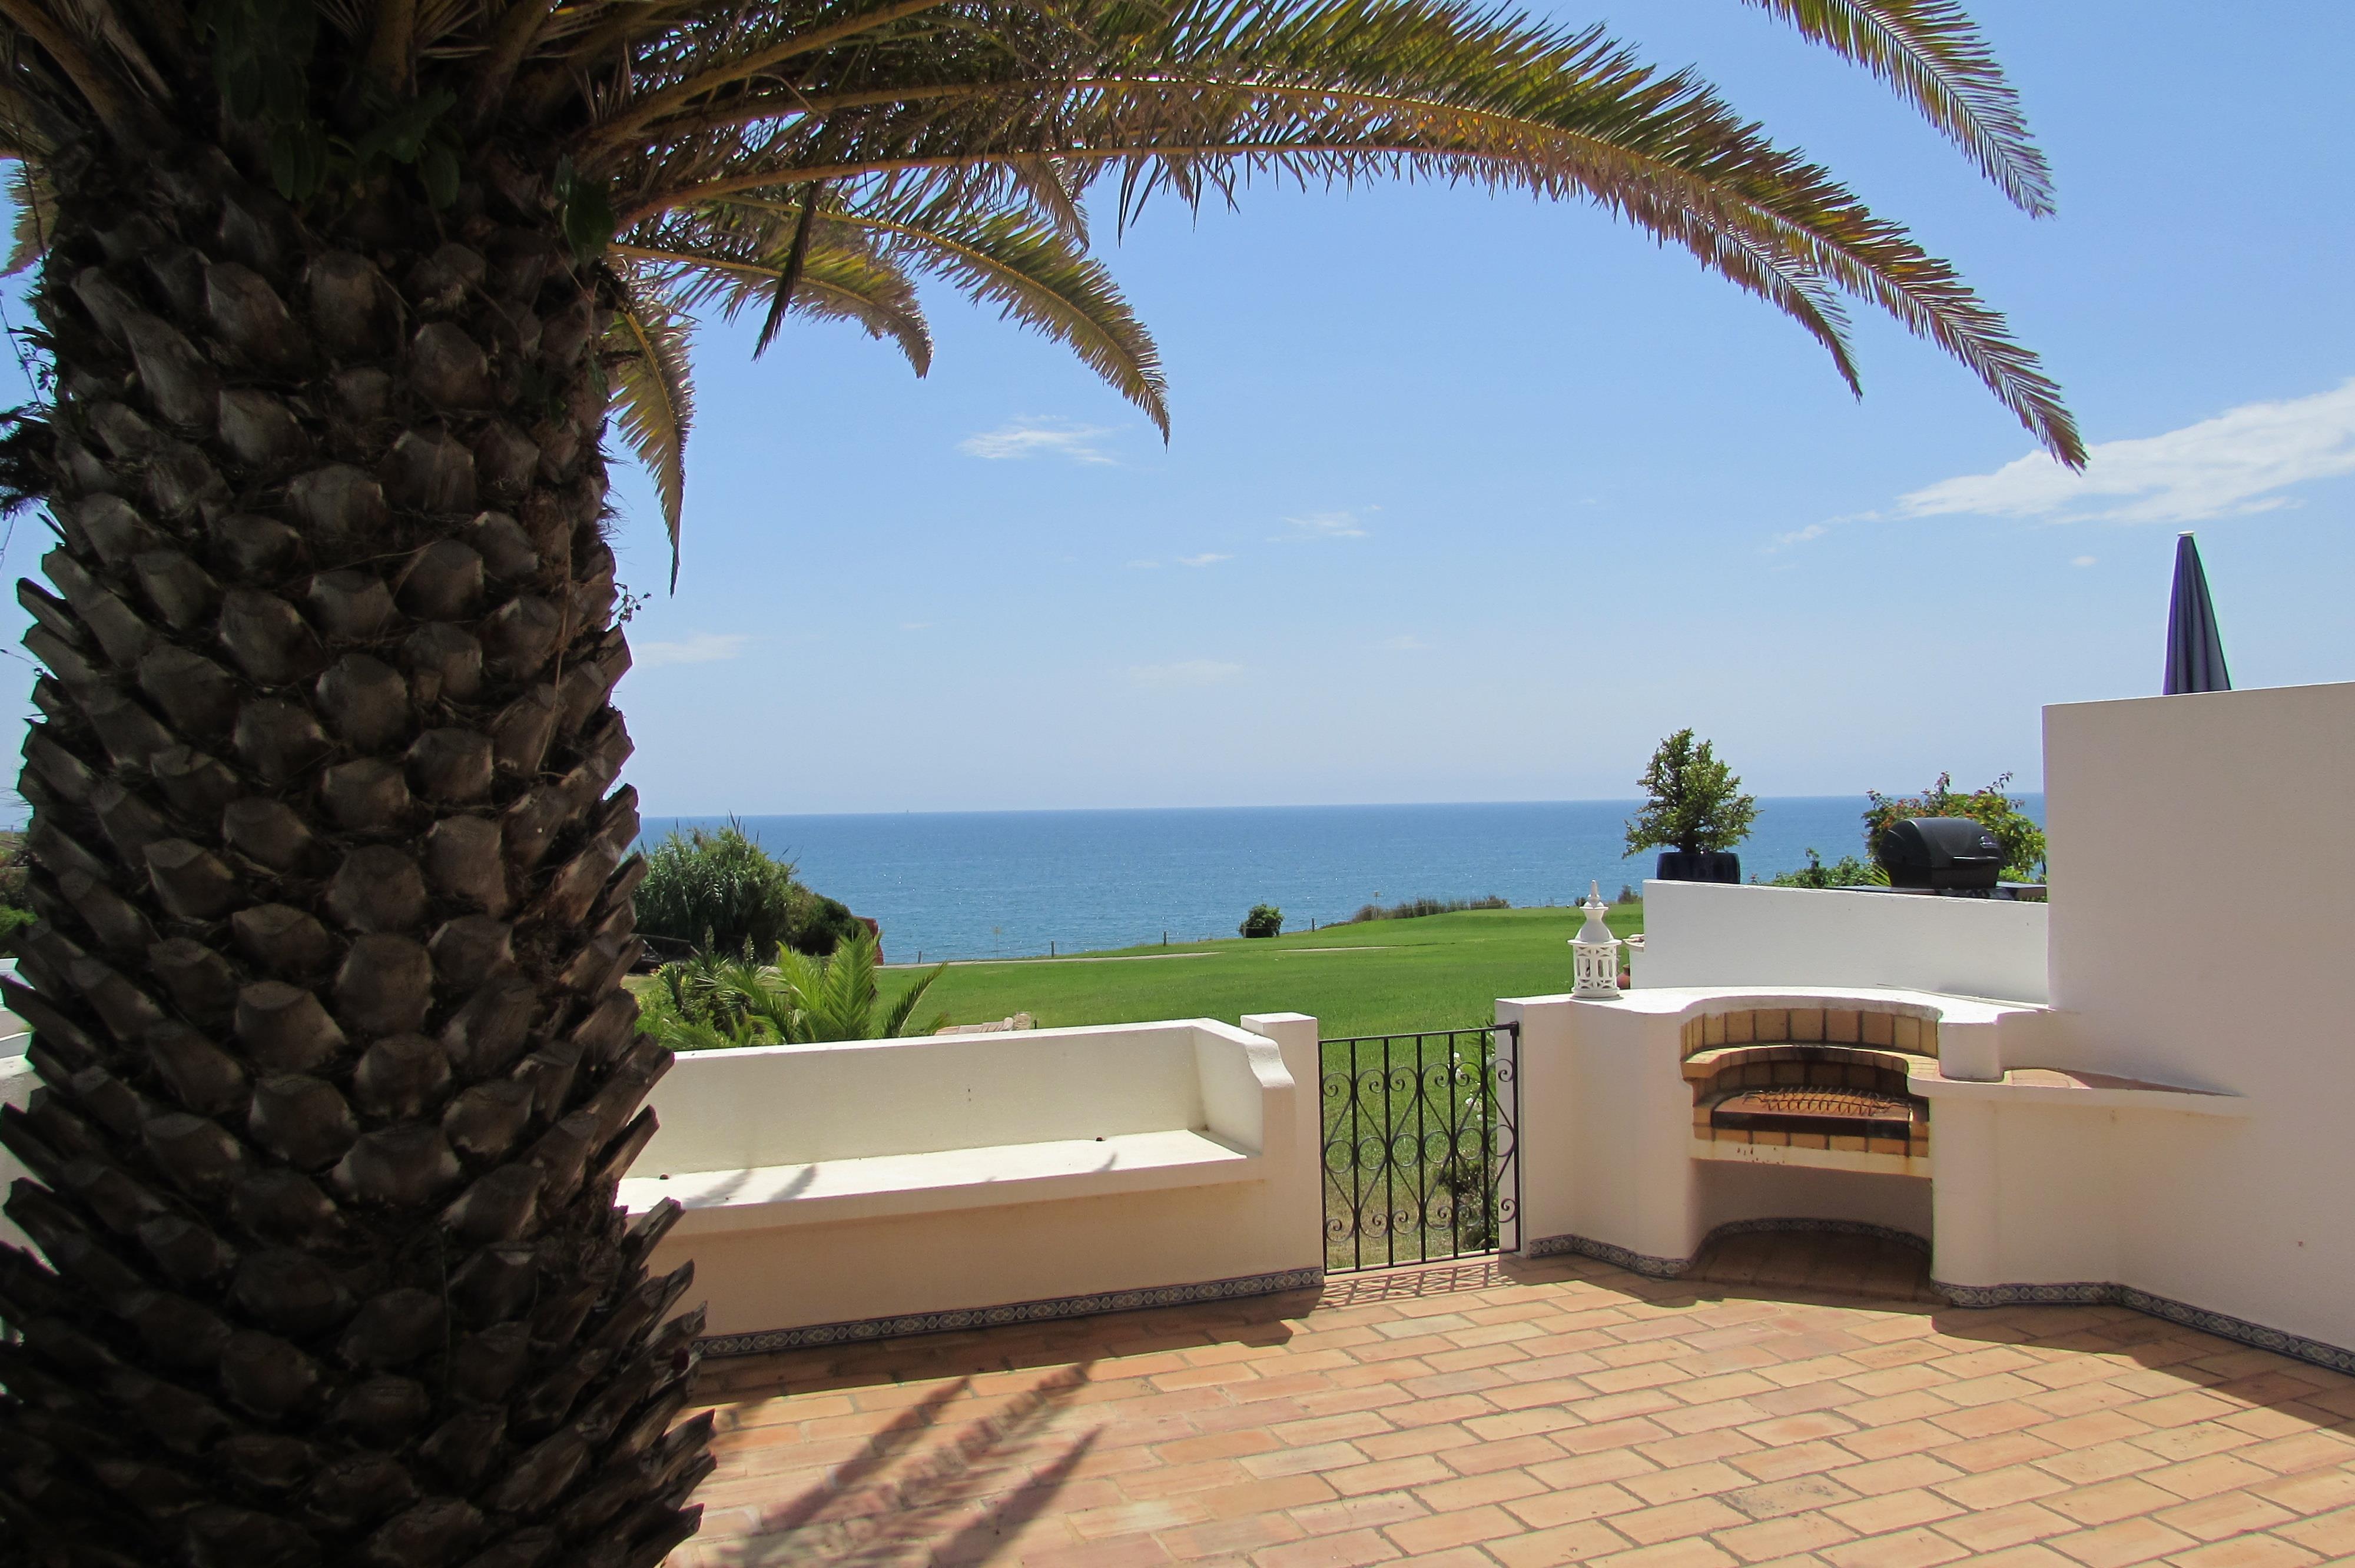 단독 가정 주택 용 매매 에 Semi-detached house, 2 bedrooms, for Sale Loule, Algarve, 8135-011 포르투갈